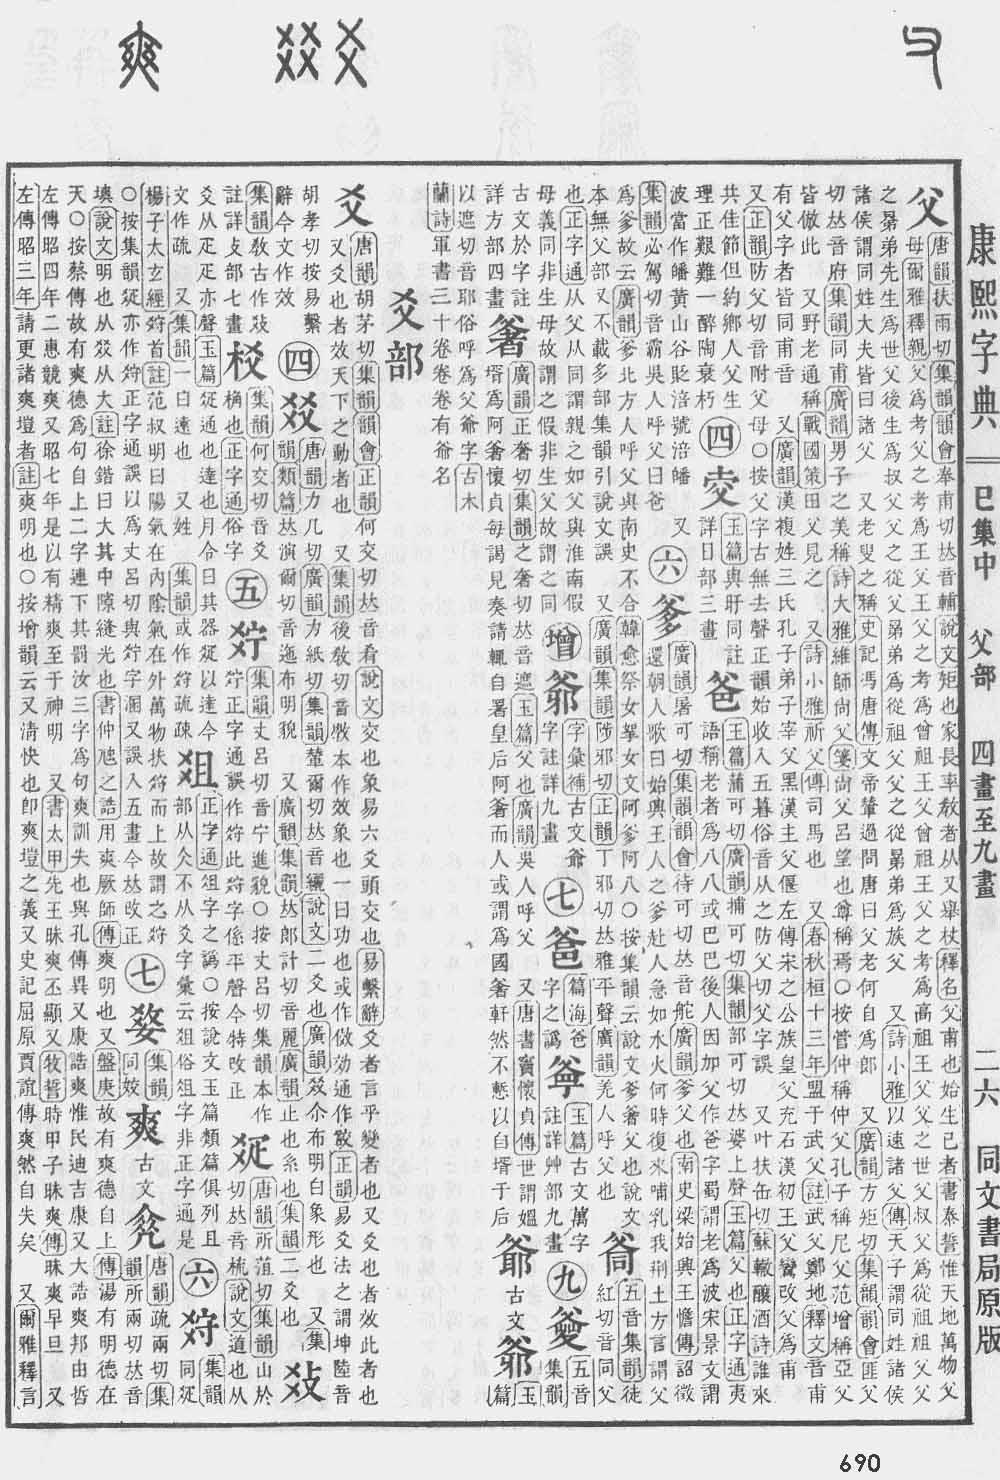 《康熙字典》第690页